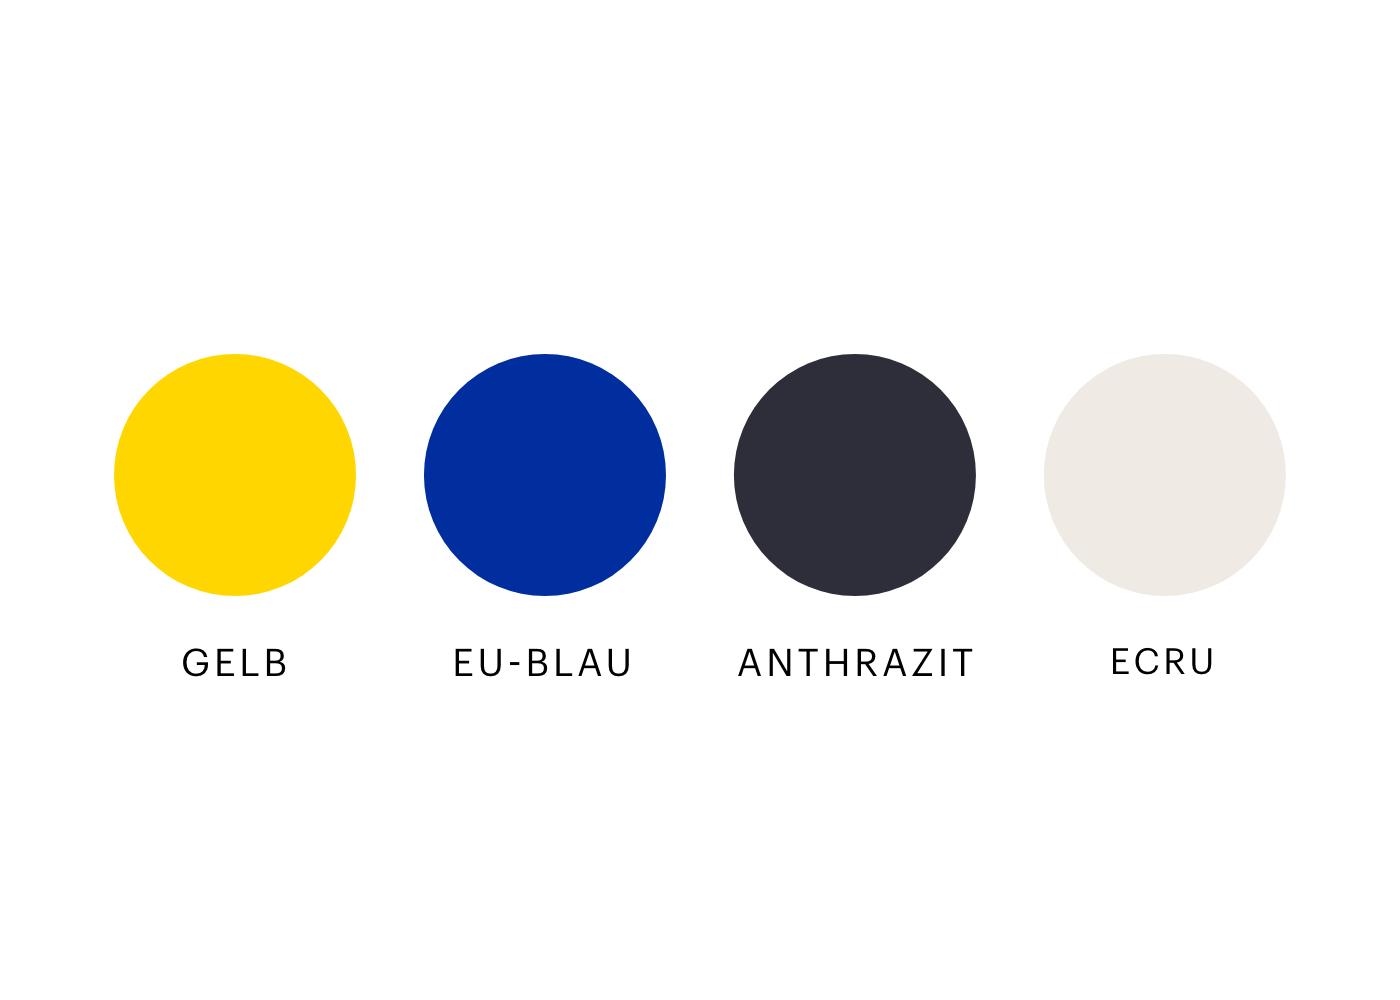 Ich wähle Europa Farbklima